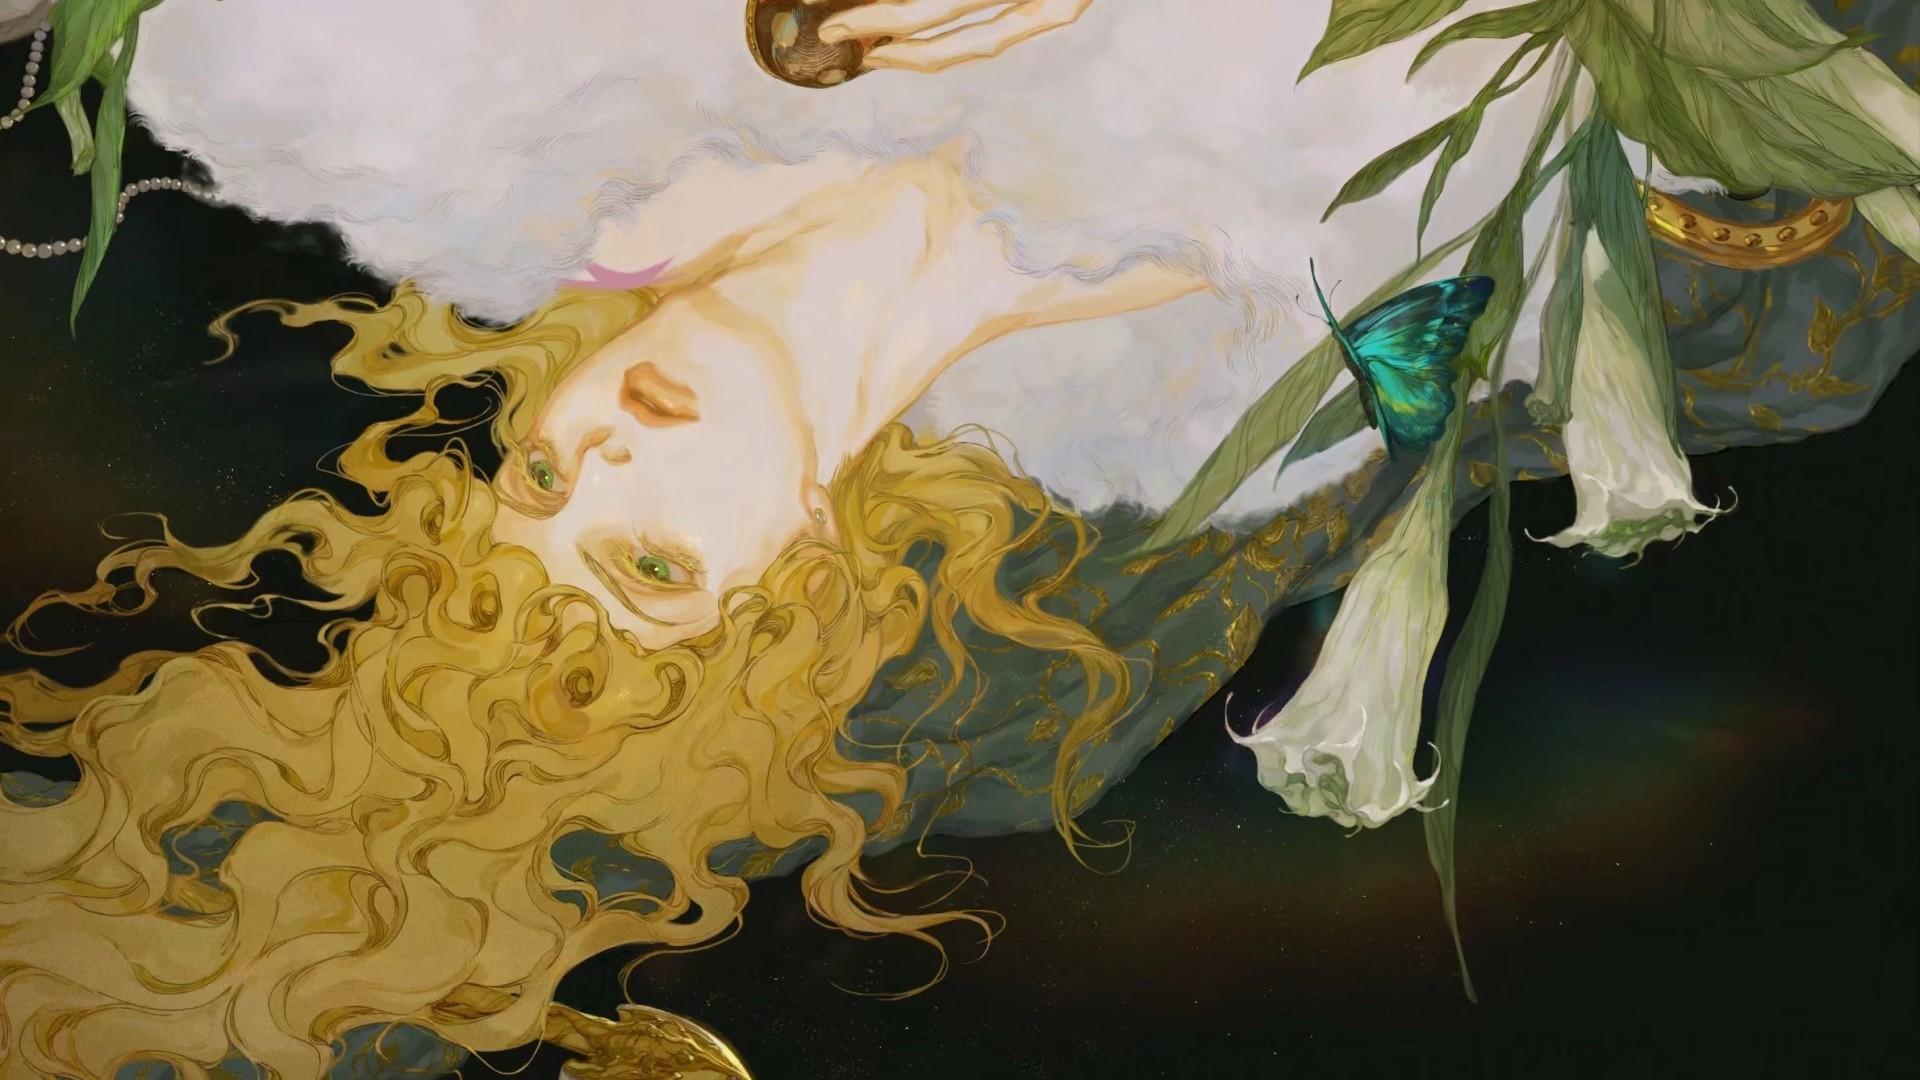 Giorno Giovanna Jojo No Kimyou Na Bouken Lying Down Giorno Giovanna Wallpaper Iphone 1920x1080 Wallpaper Teahub Io